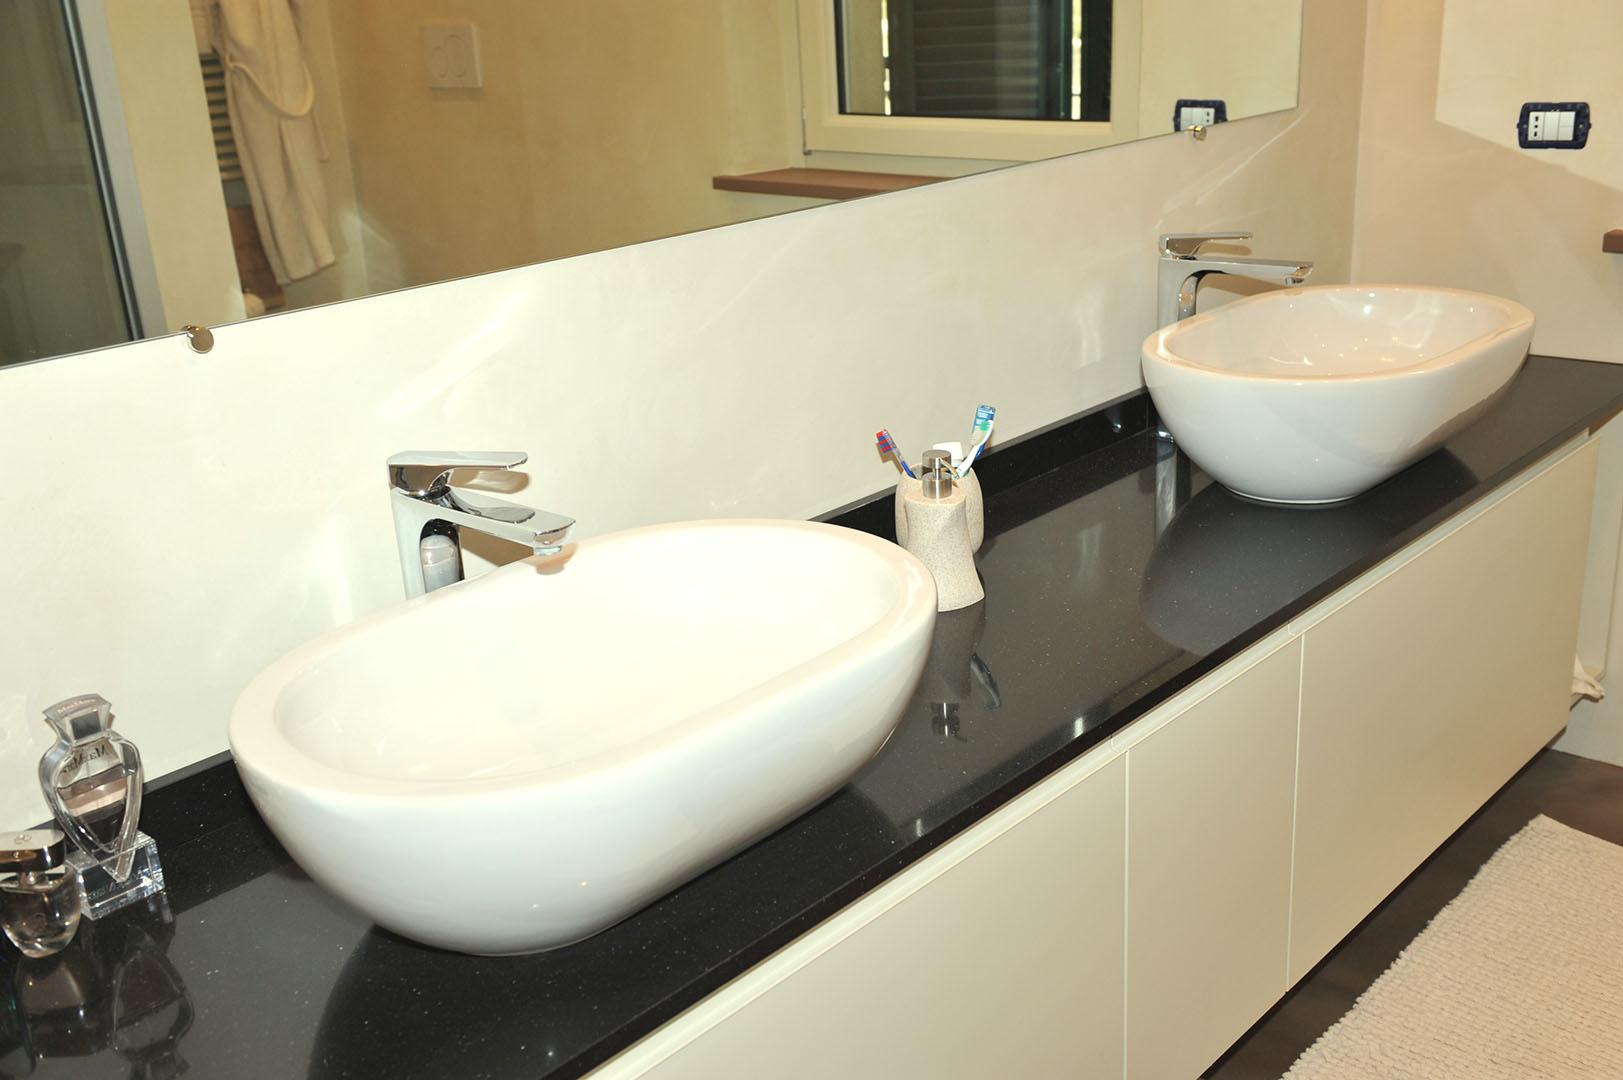 Bagno padronale bagno turco in microcemento emsign studio di enrico marchiaro interior designer - Realizzazione bagno turco ...